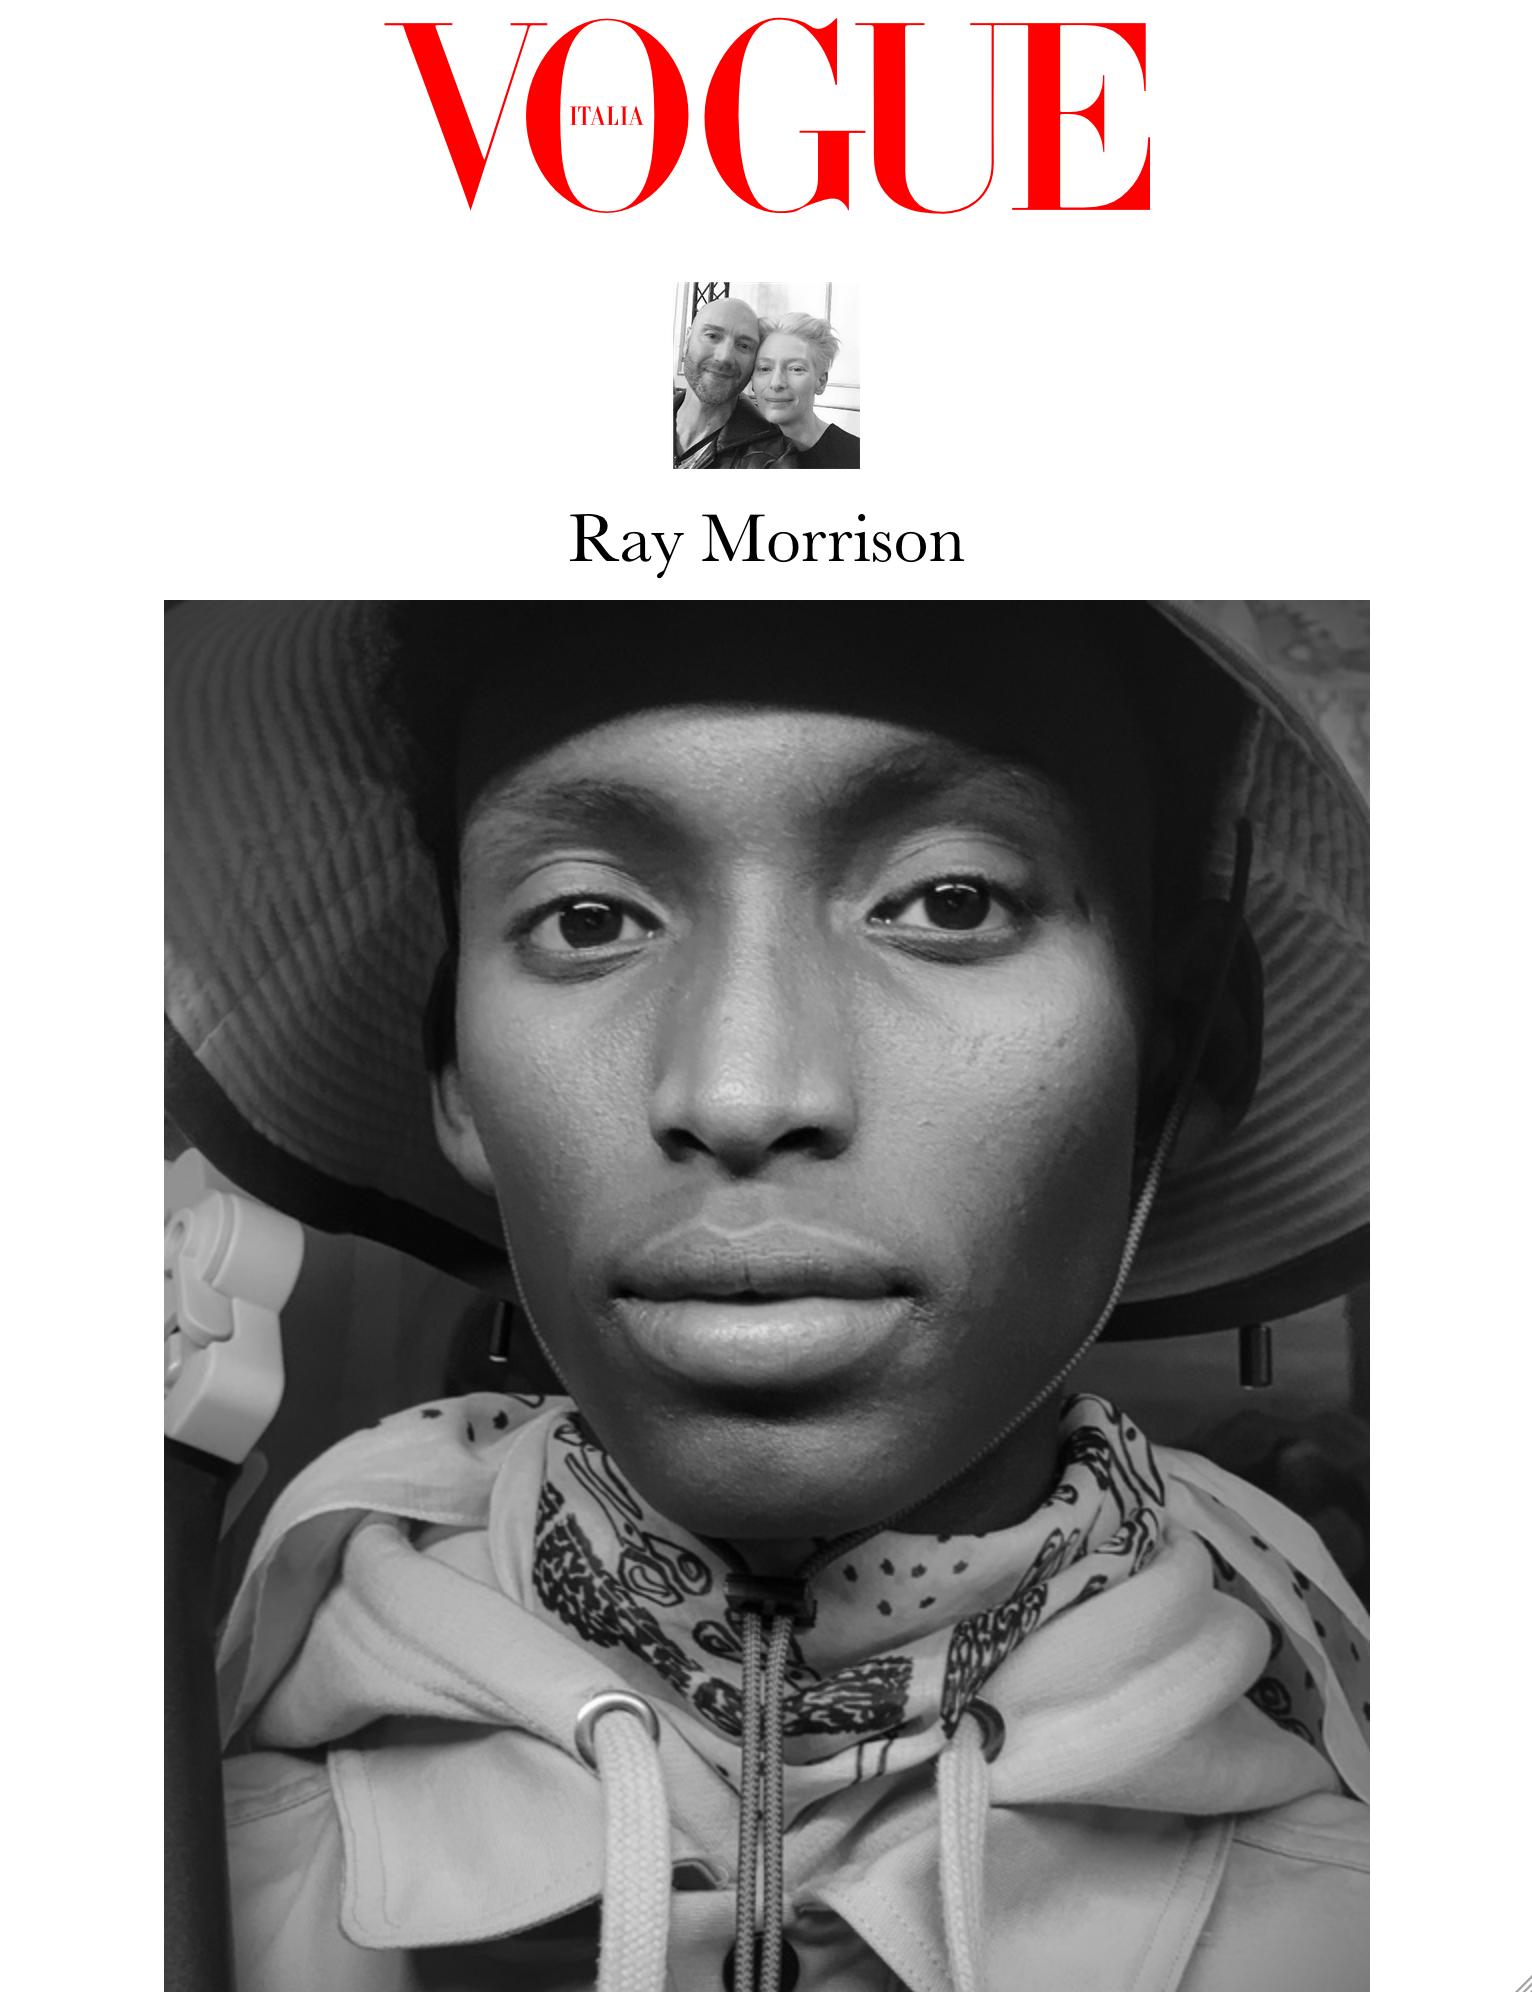 Ray Morrison (Raimondo Rossi) Vogue